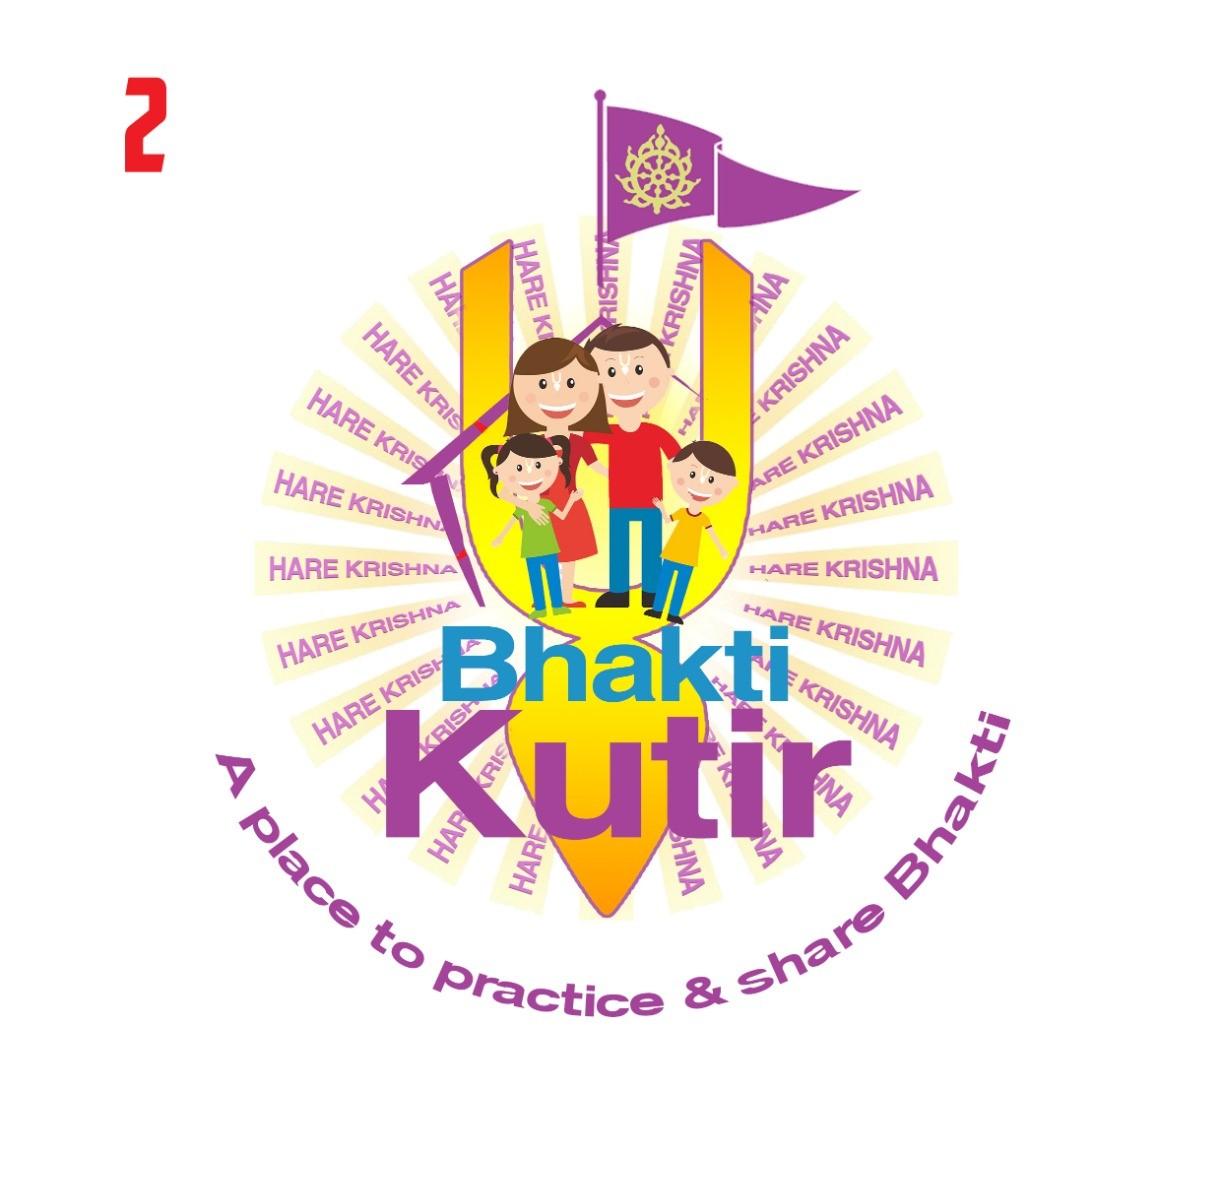 Bhakti Kutir - Image 2